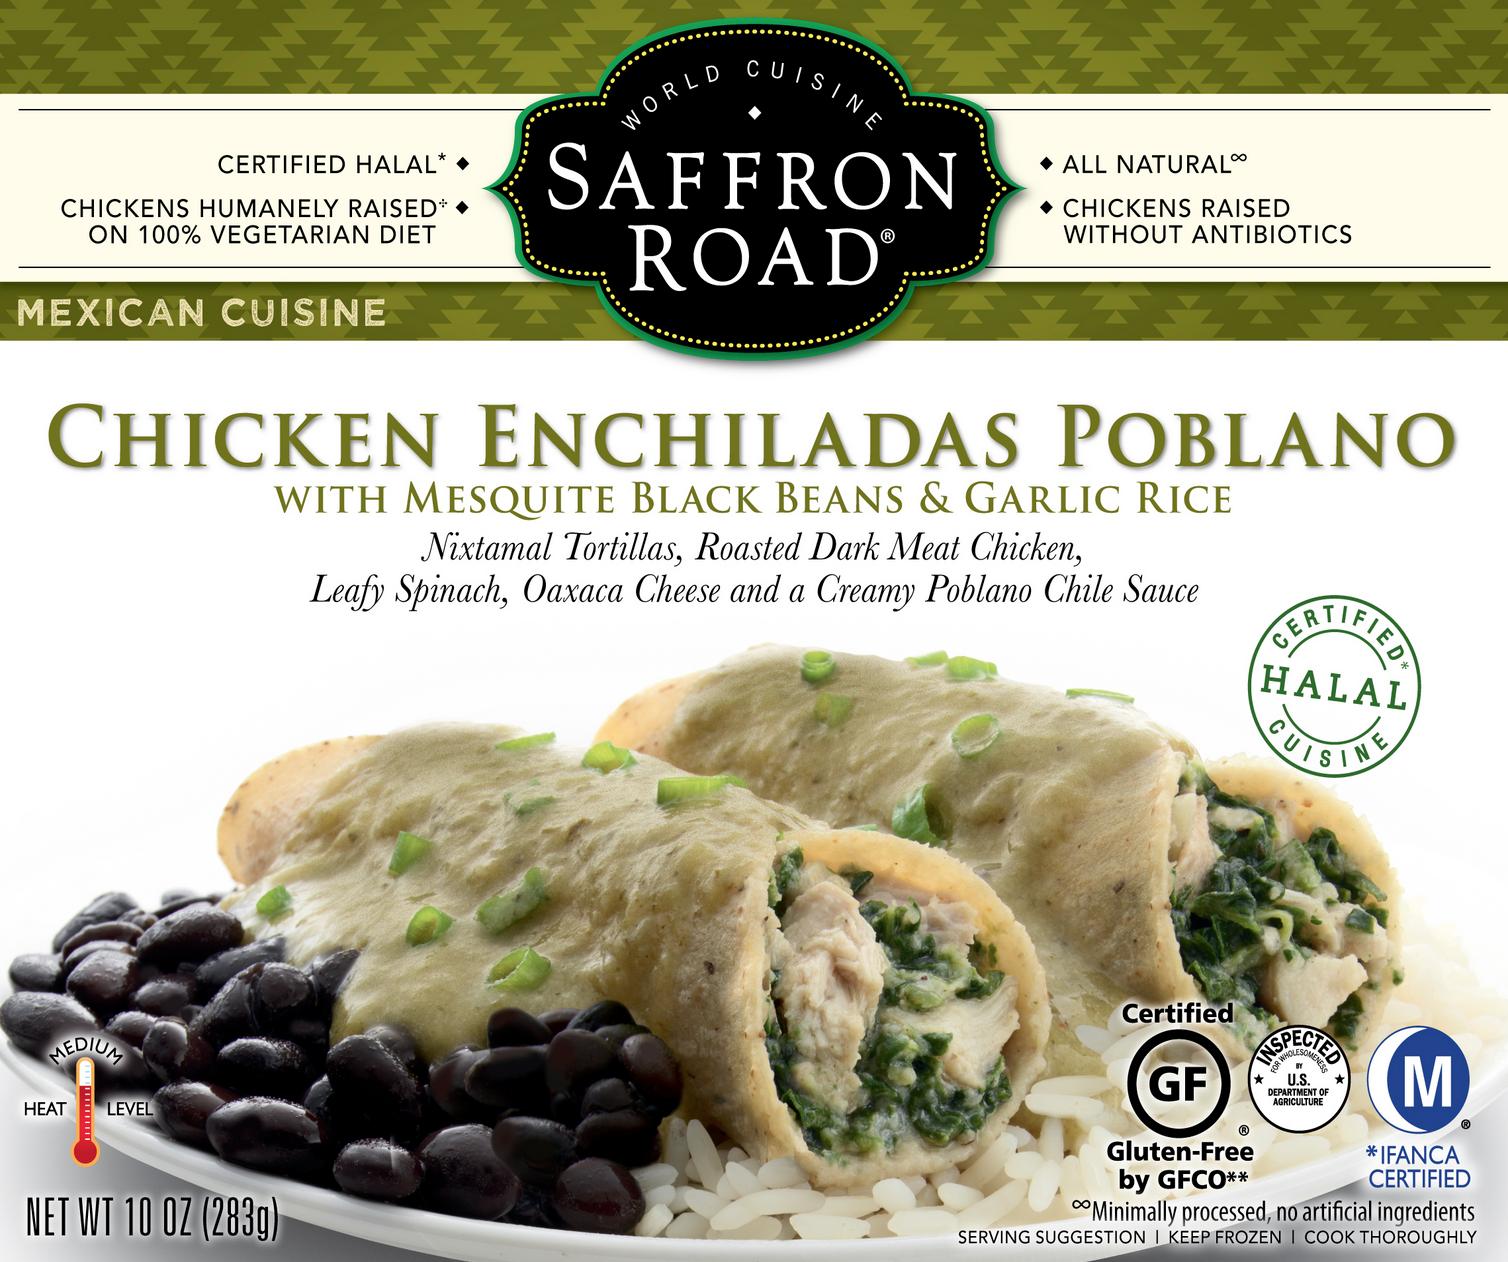 Saffron Road Chicken Enchiladas